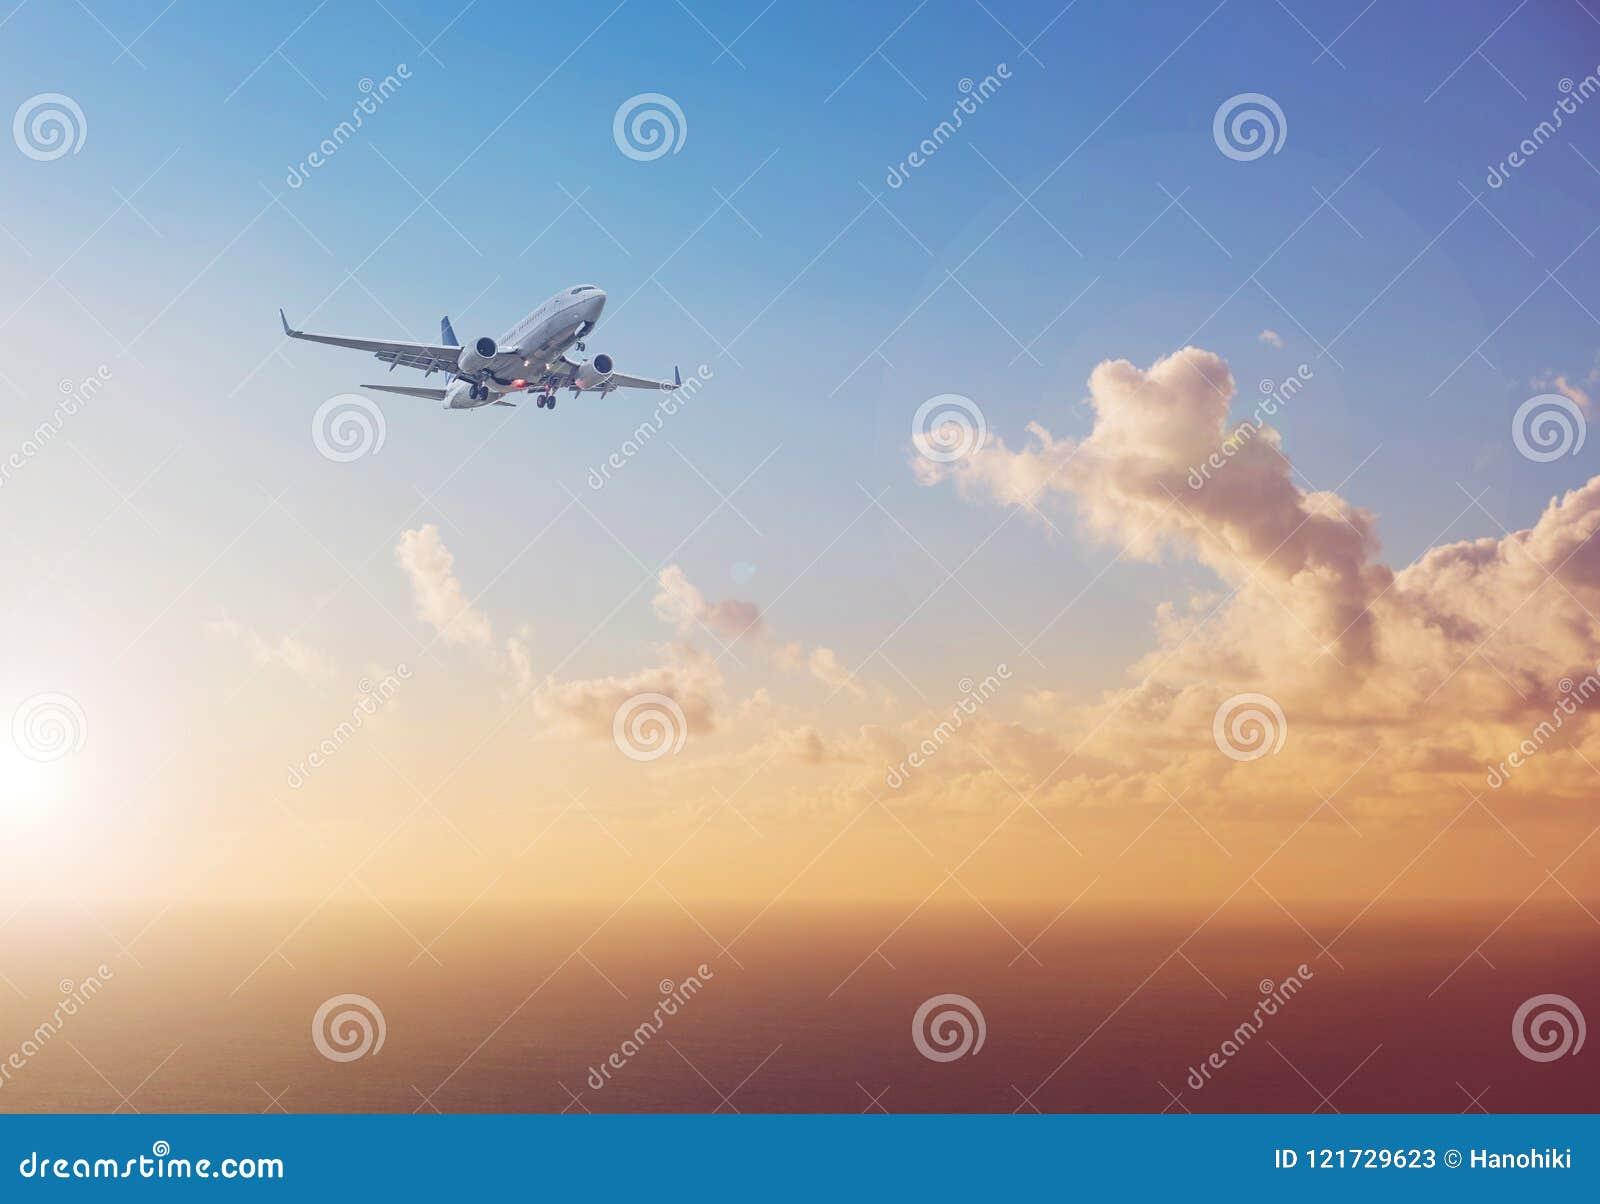 Vliegtuig die boven oceaan met de achtergrond van de zonsonderganghemel vliegen - trav